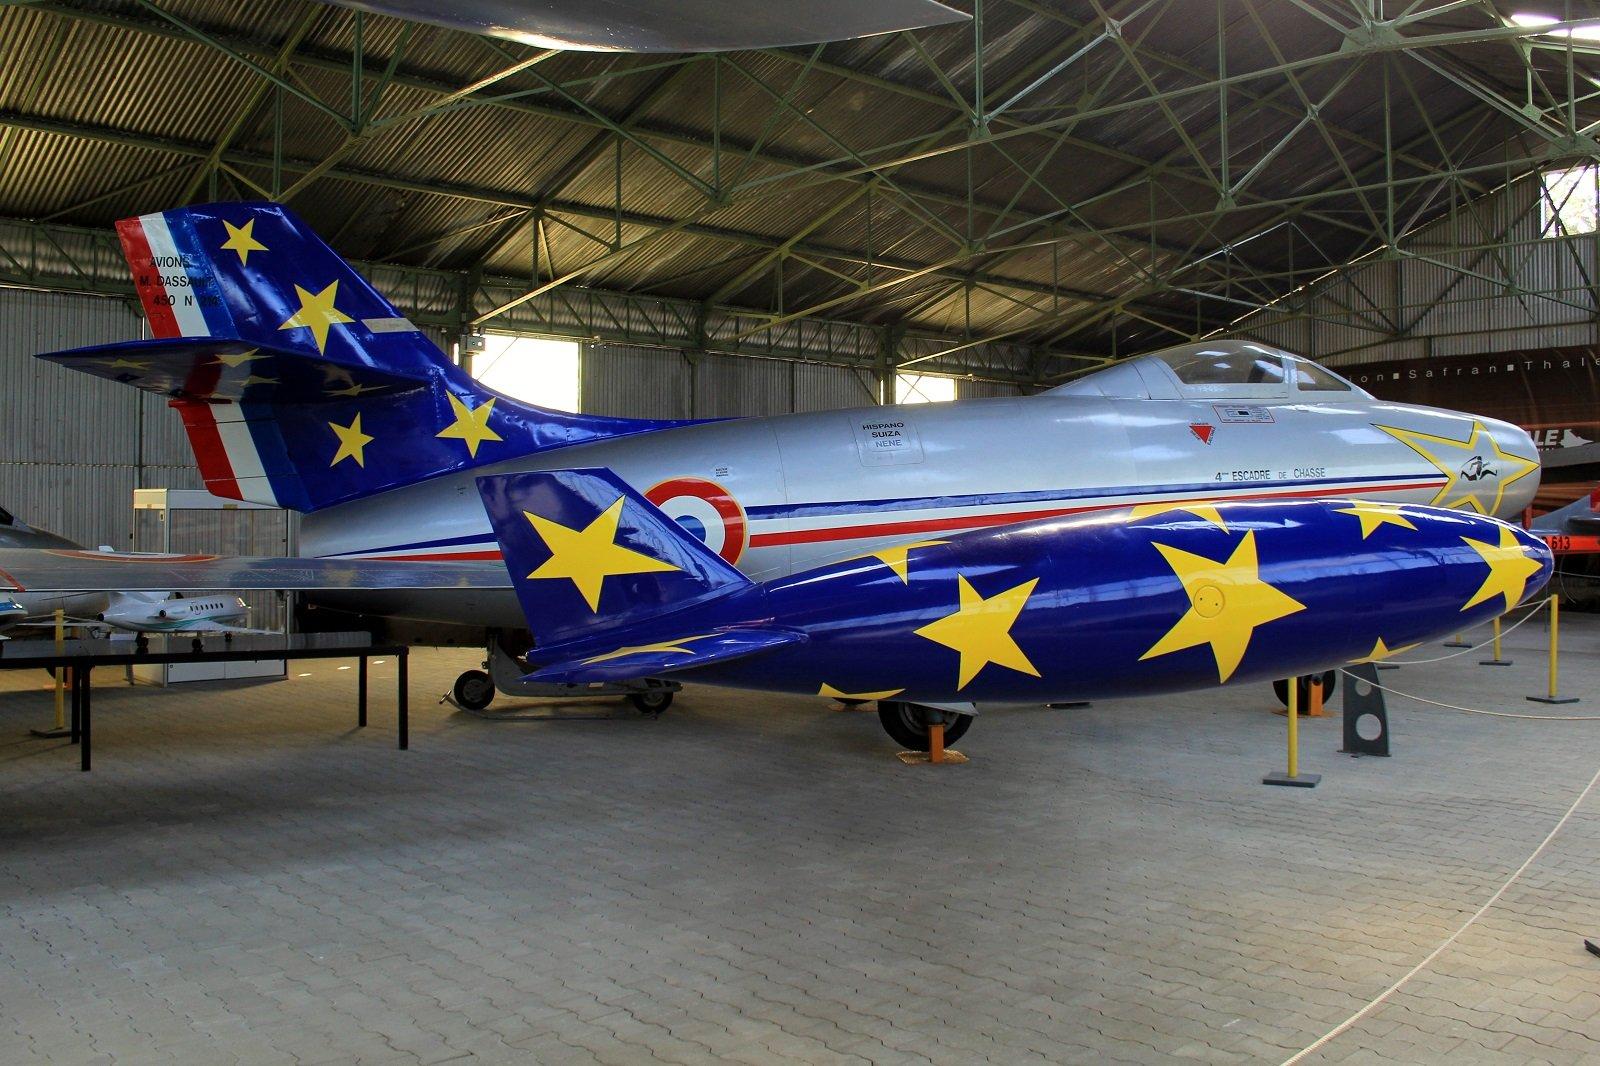 musée de l'aviation de chasse de Montelimar  - Page 2 191030070550106638